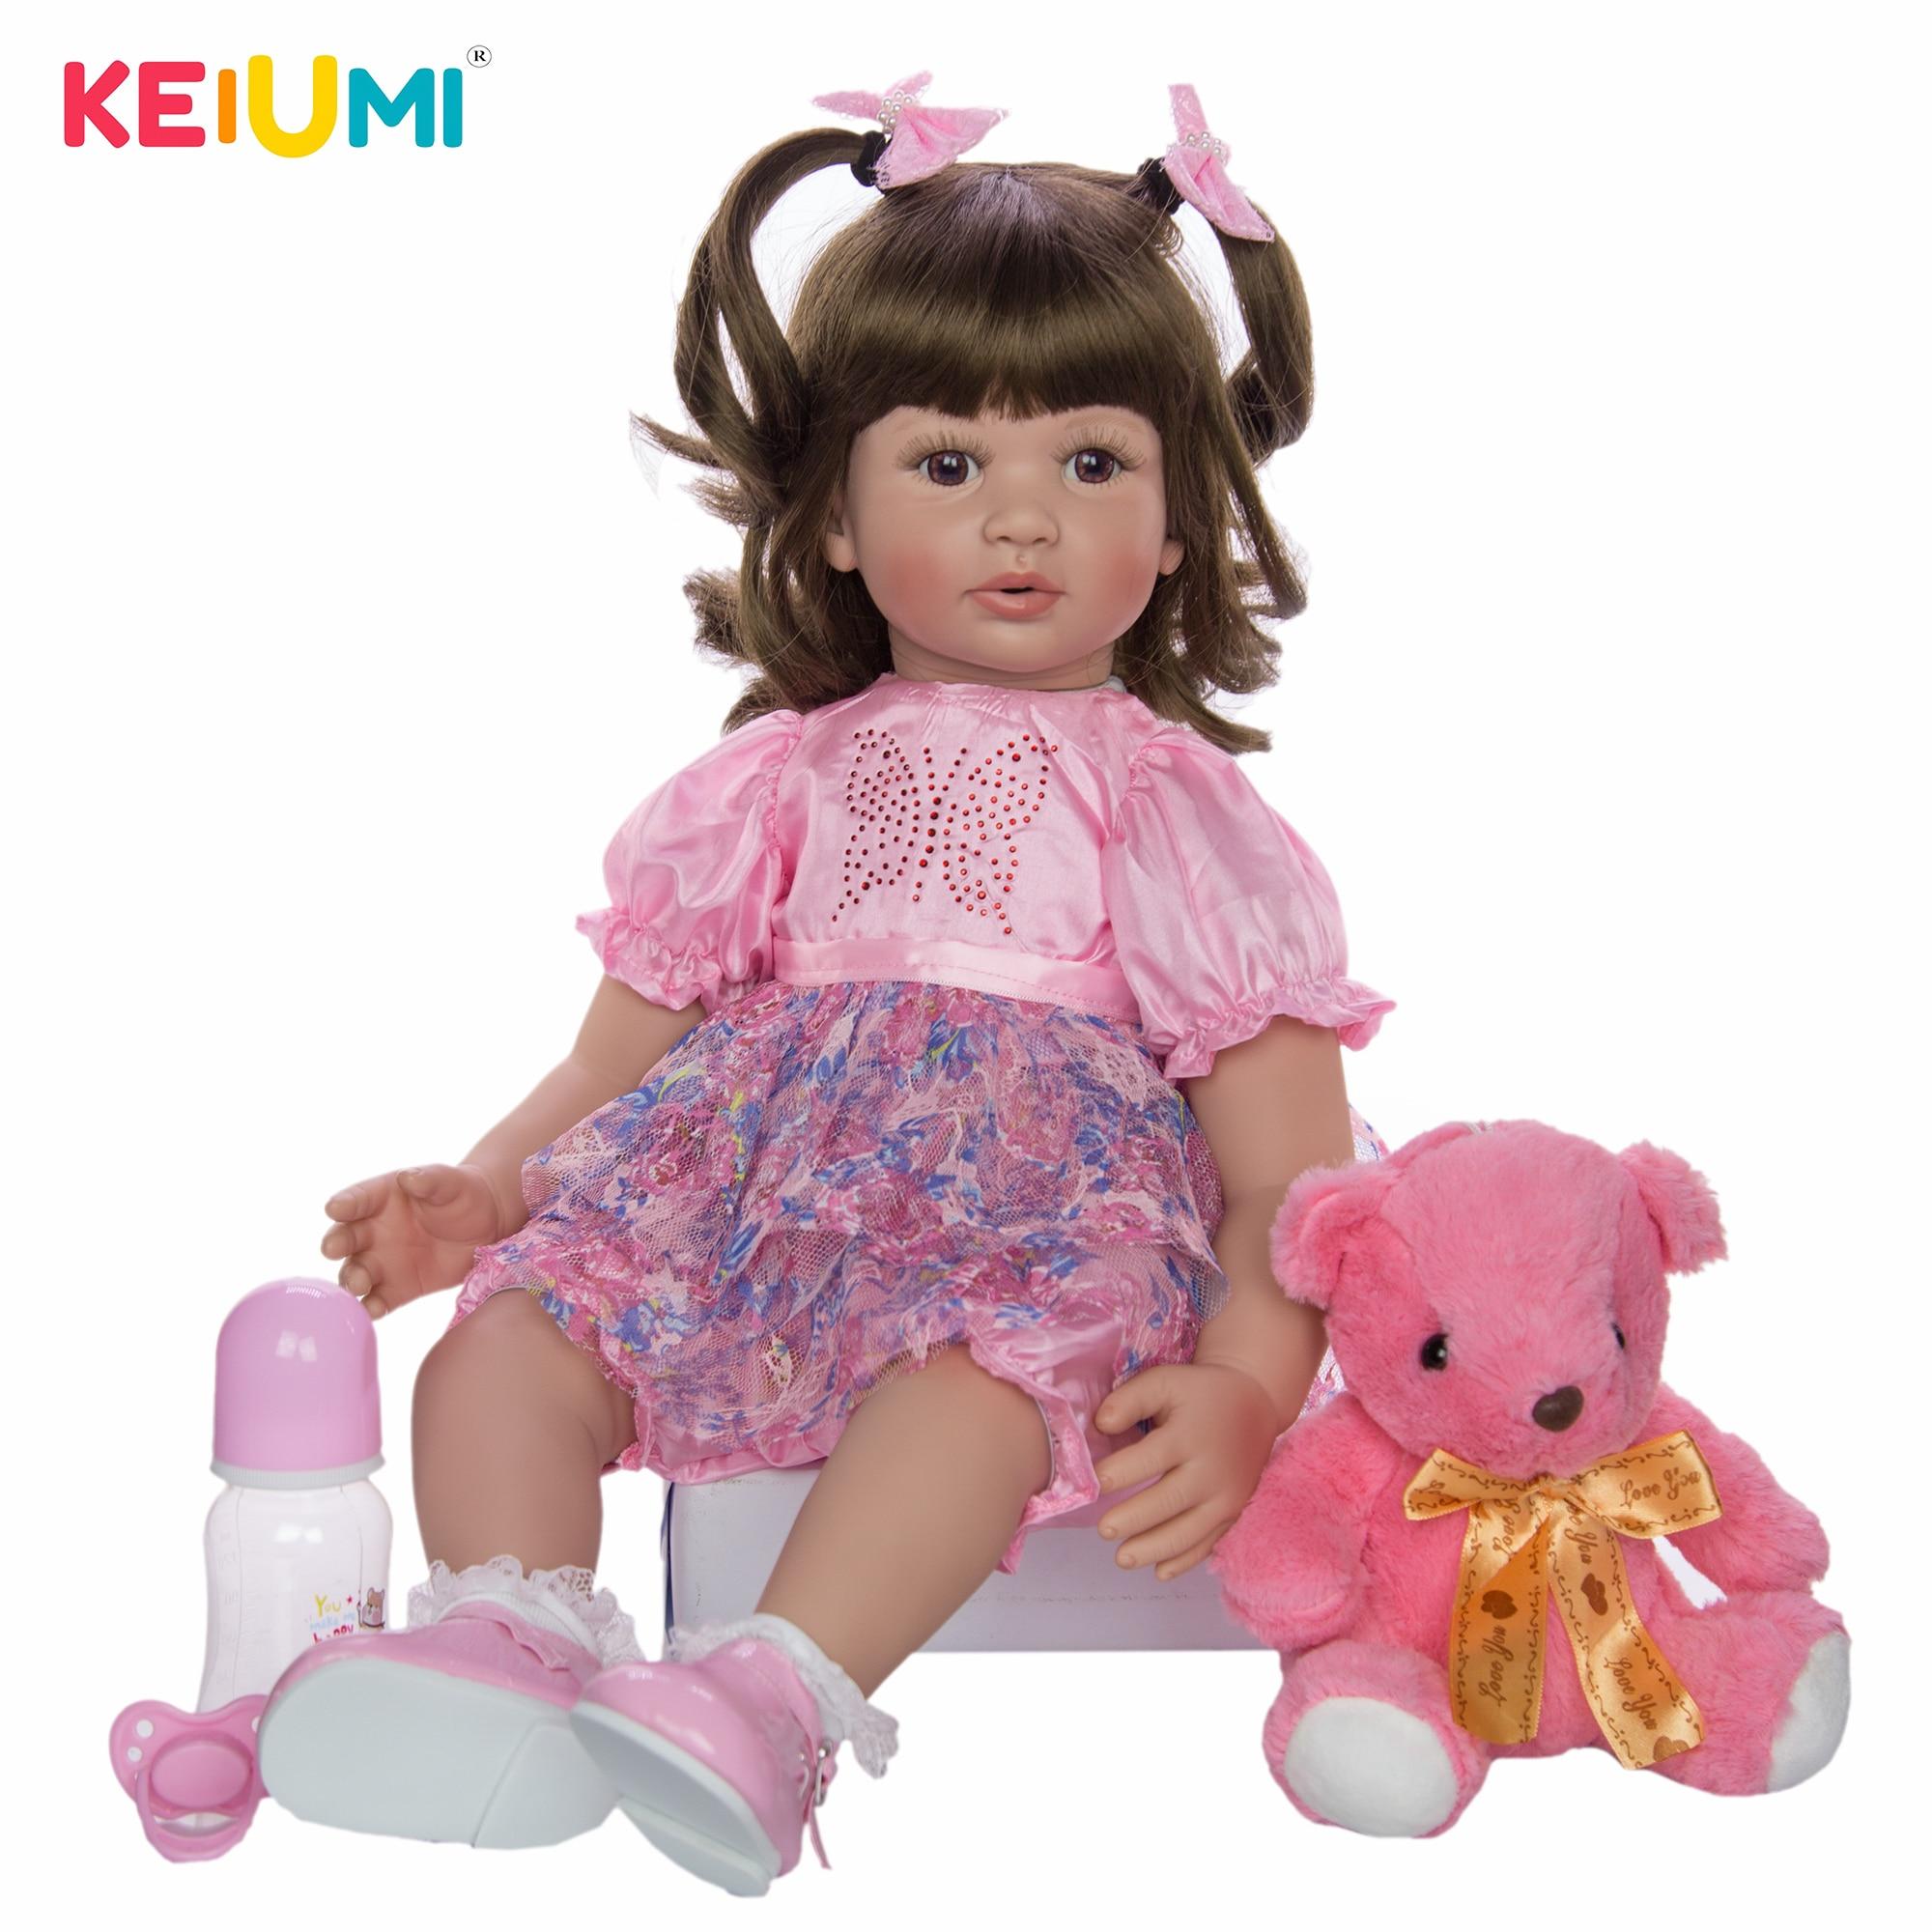 Pulgadas Cm Niña Cumpleaños Tela 24 Muñecas Keiumi De Juguete Venta Recoger 60 Cuerpo Bebé Regalo Reborn Princesa Chico Boneca Para Muñeca LSGUpzVqM